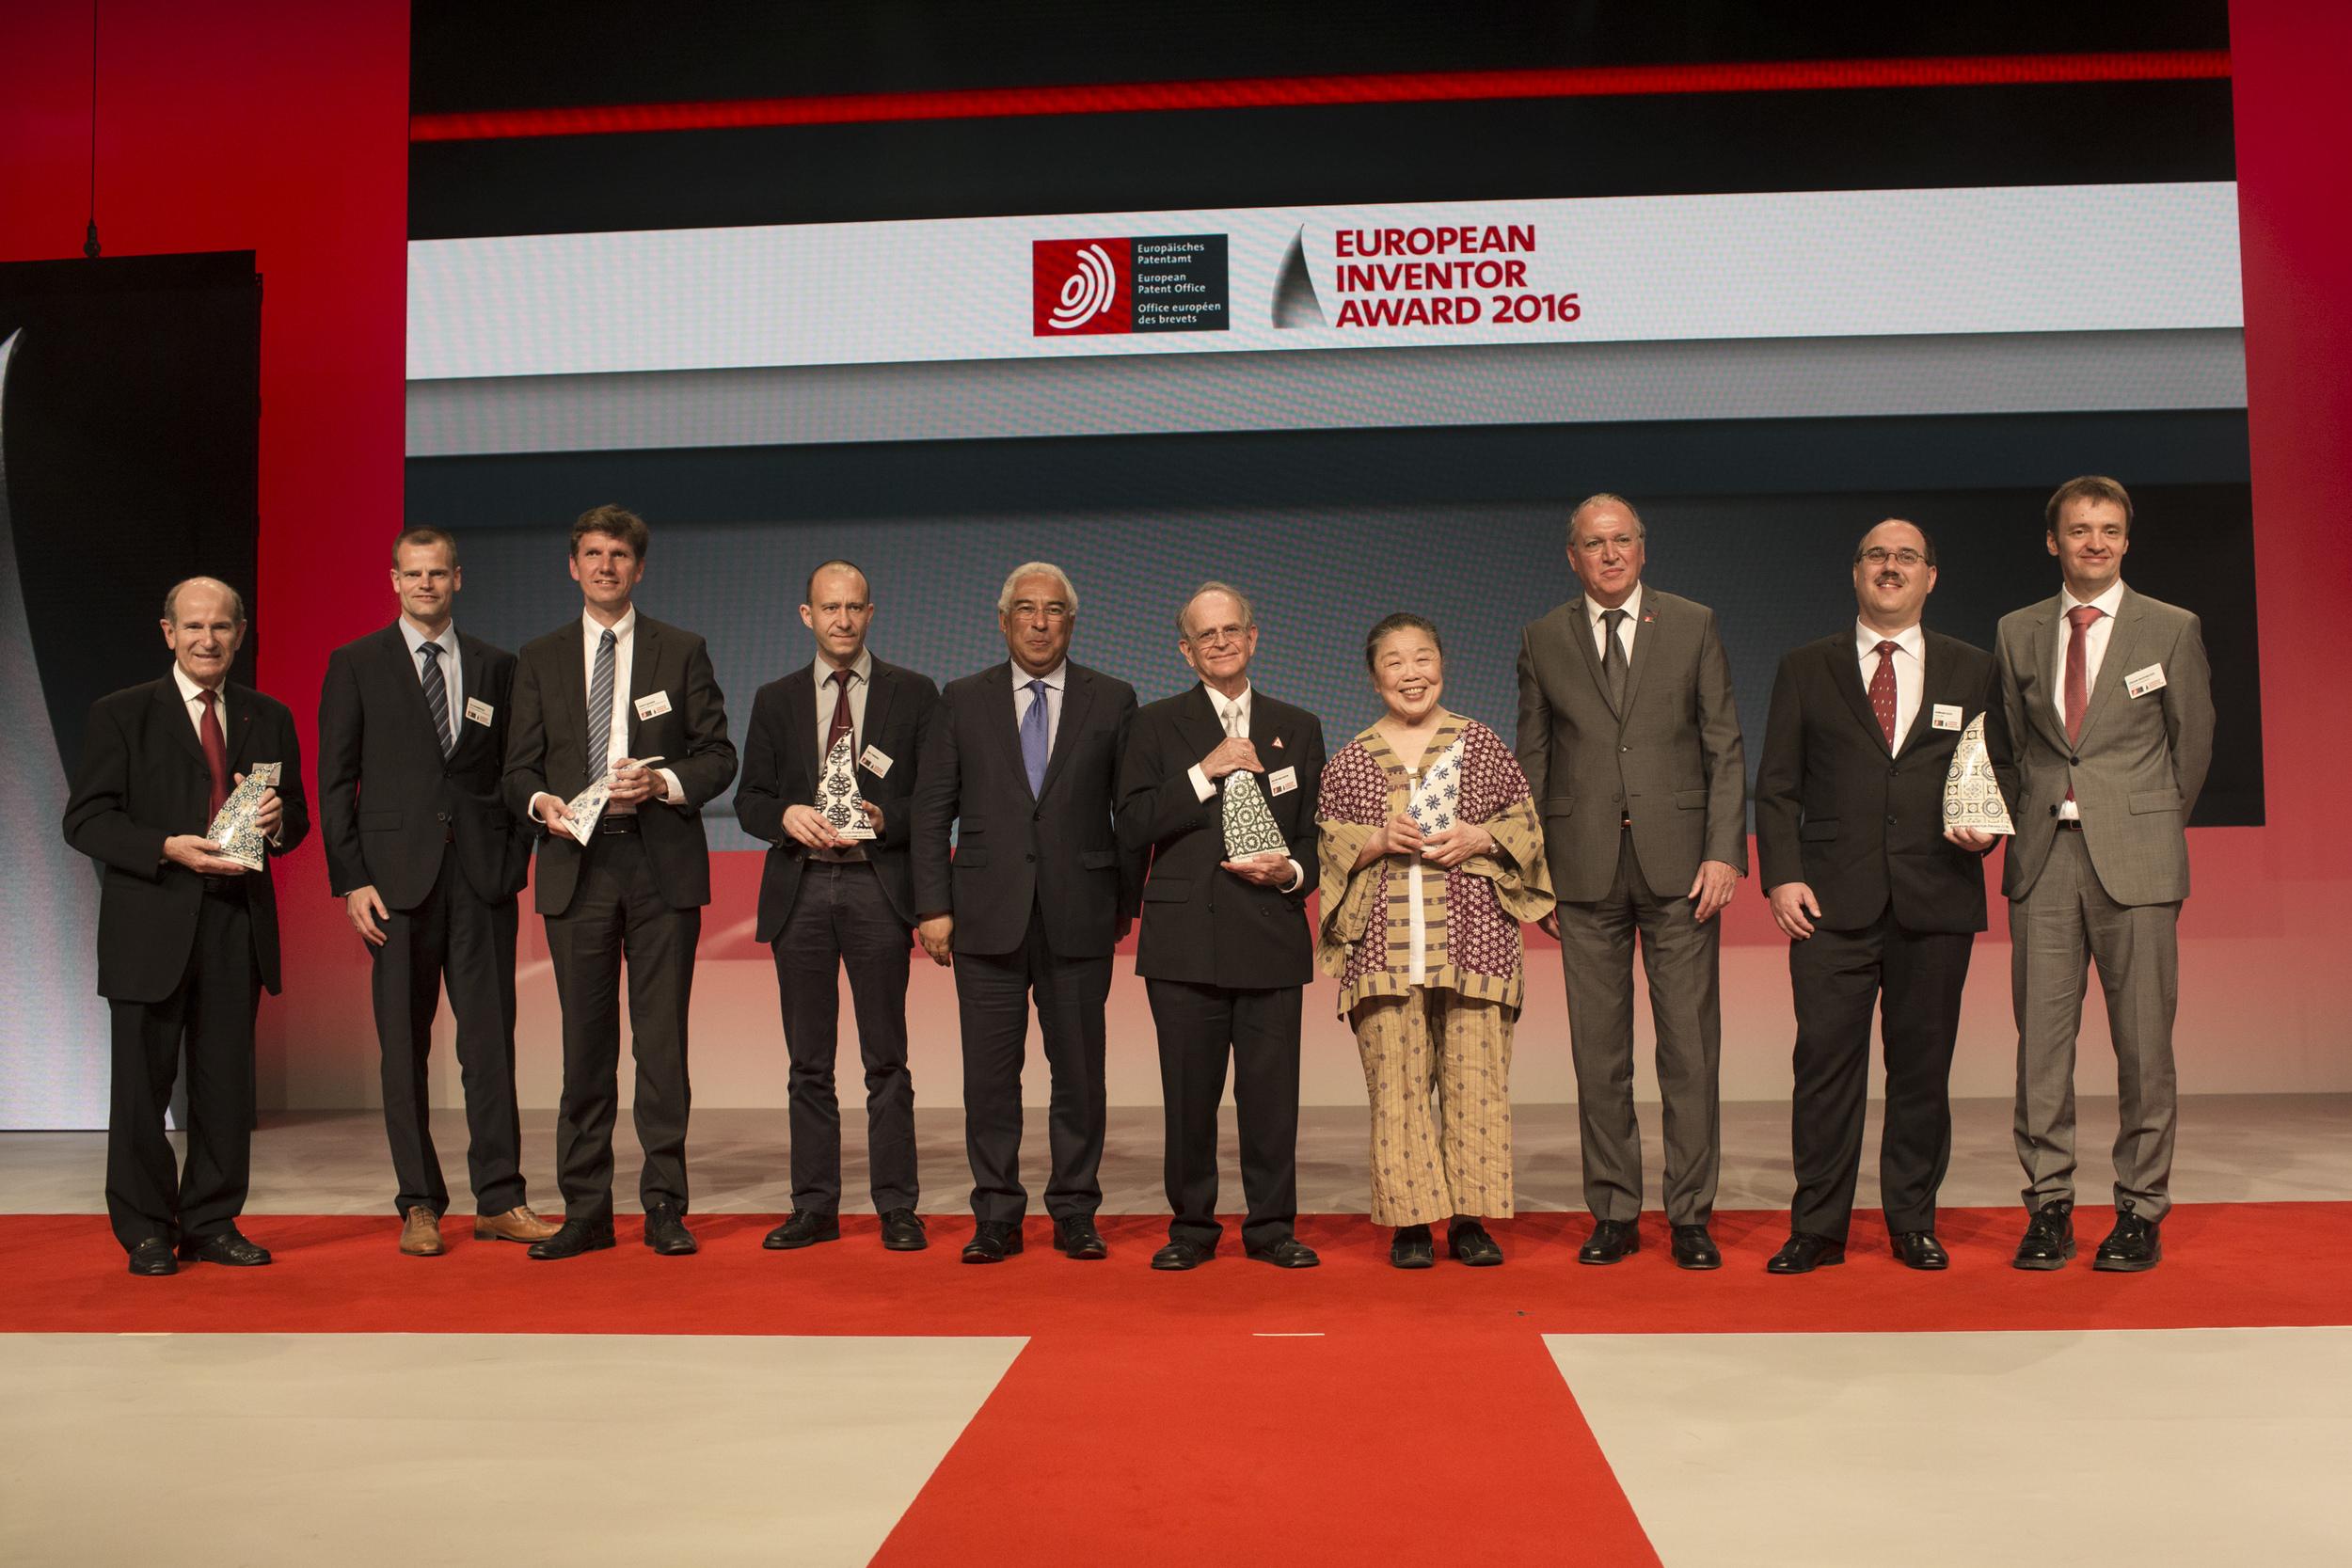 Les lauréats du Prix de l'Inventeur de l'année 2016 lors de la cérémonie de remise des prix au MEO Arena à Lisbonne le 9 Juin